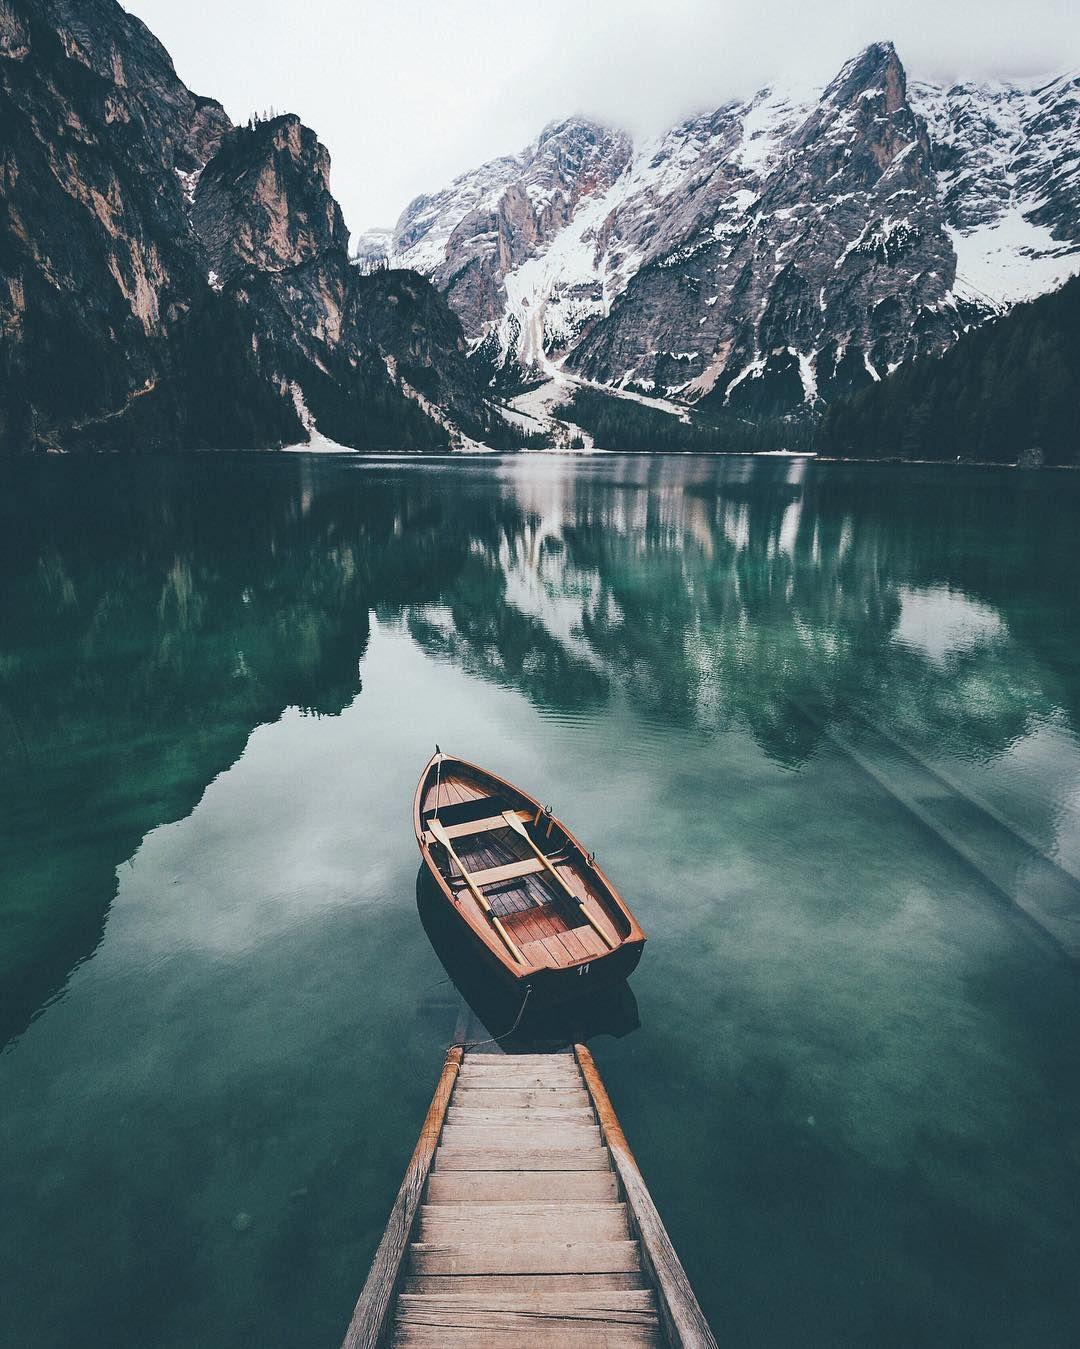 Sito Con Molte Immagini E Gif Di Paesaggi. Instagram